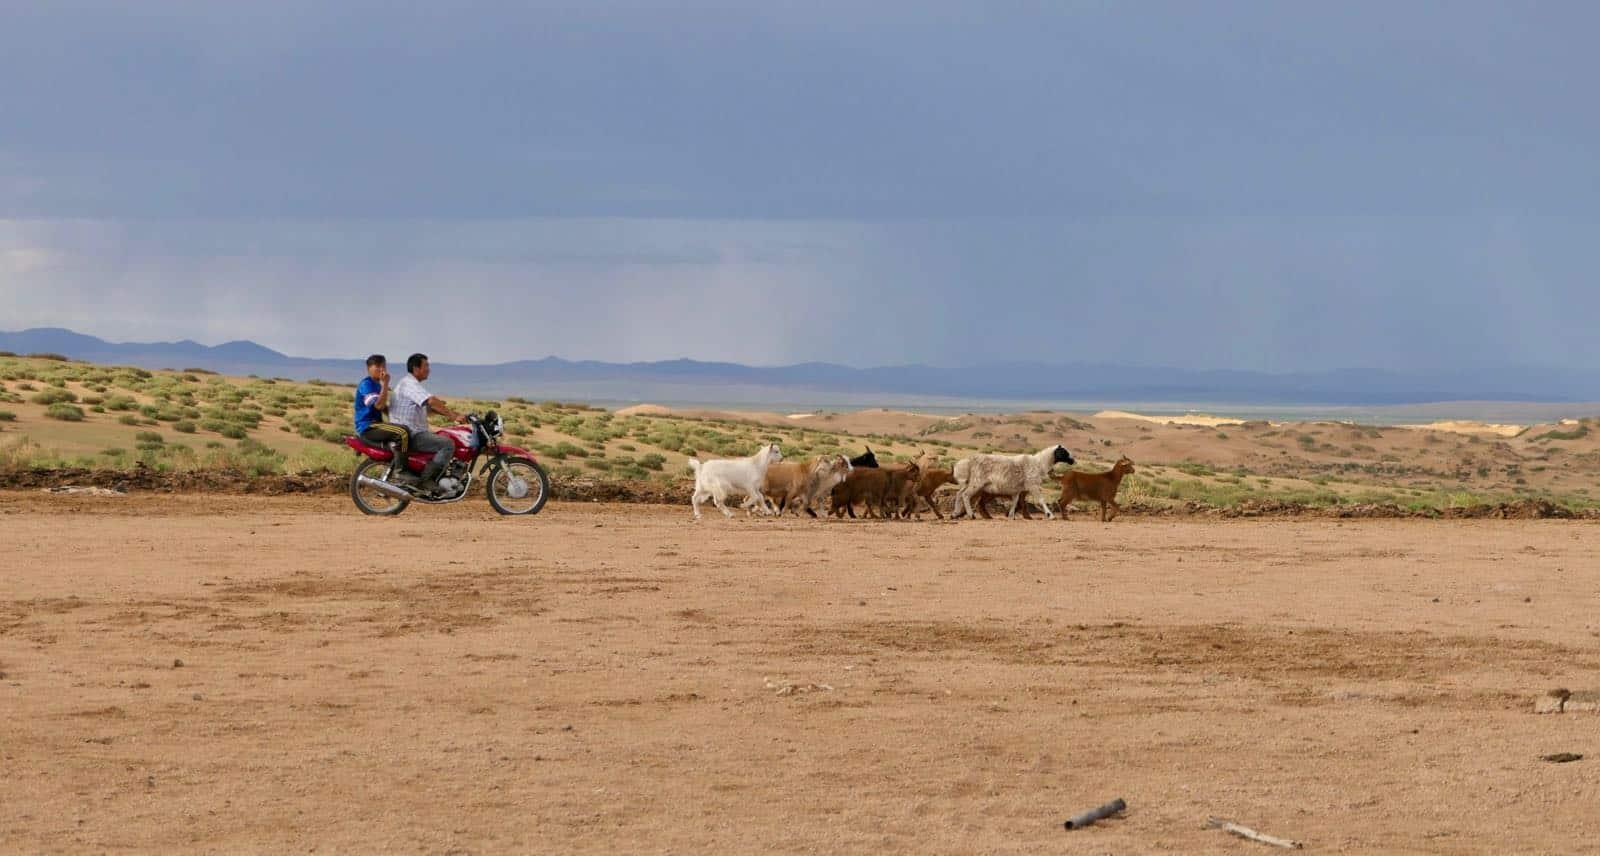 Nomads betternotstop Mongolia steppe motorbike herding